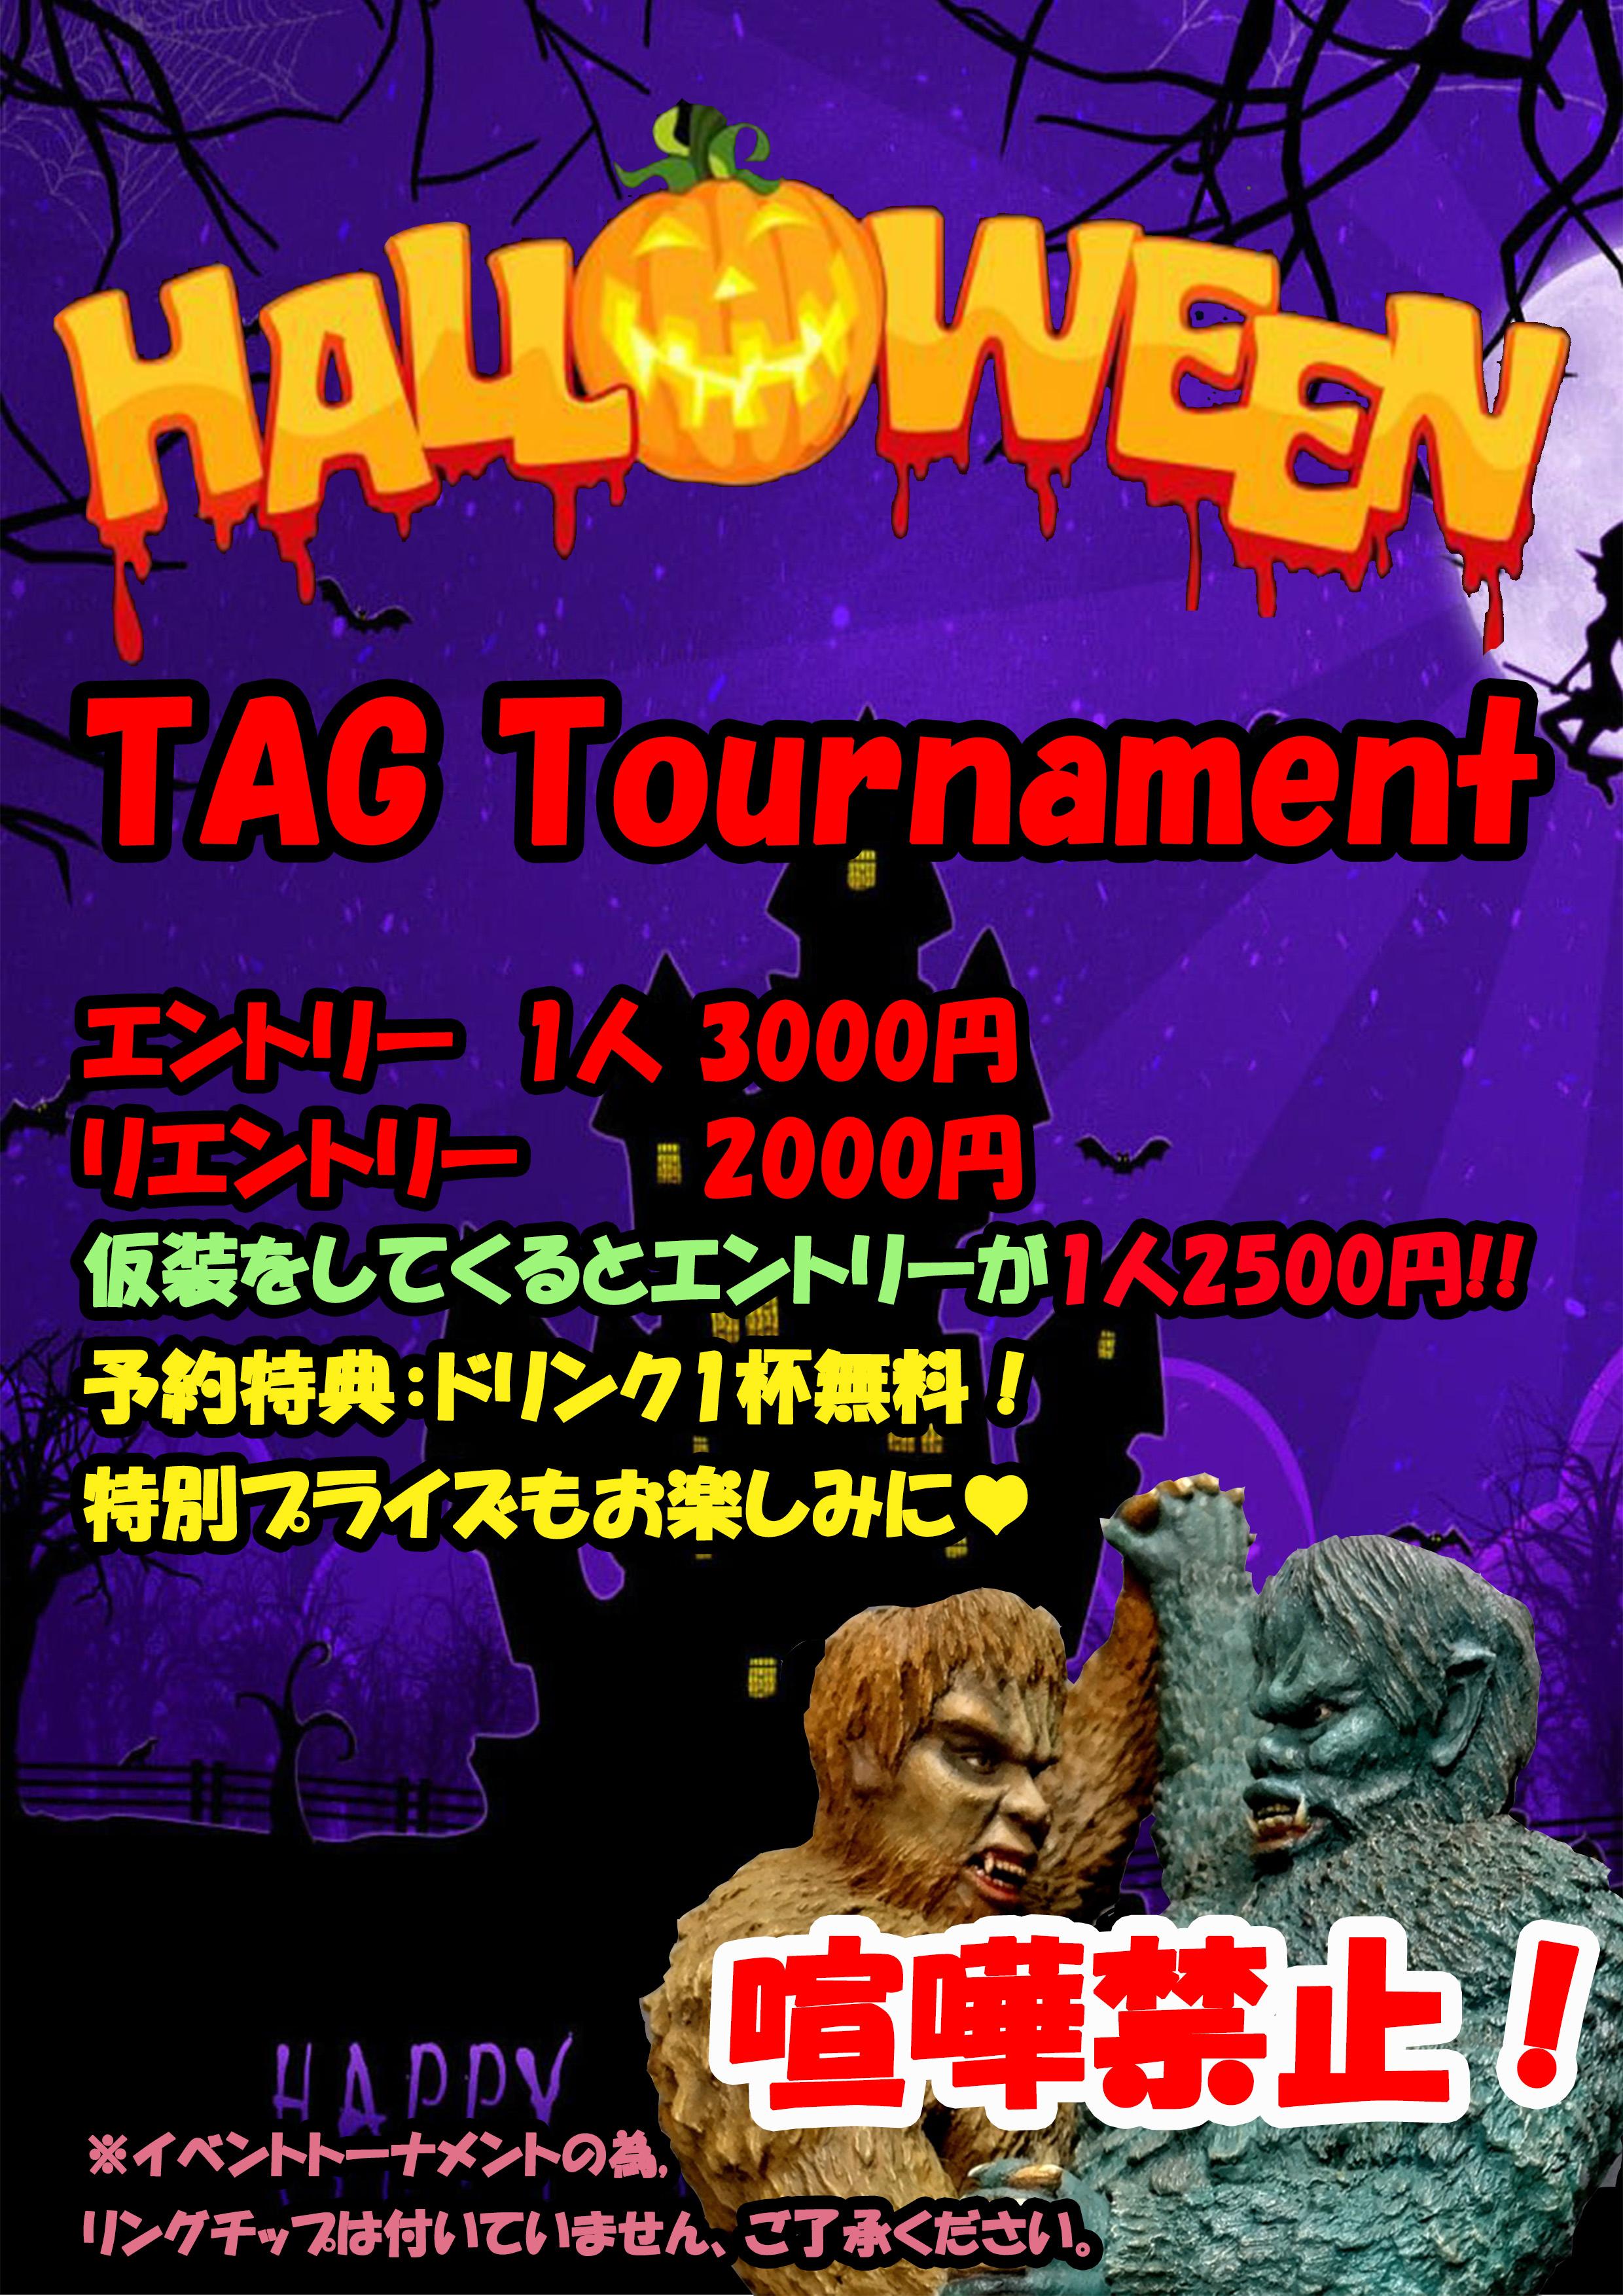 10月27日ハロウィンTAGトーナメント開催!